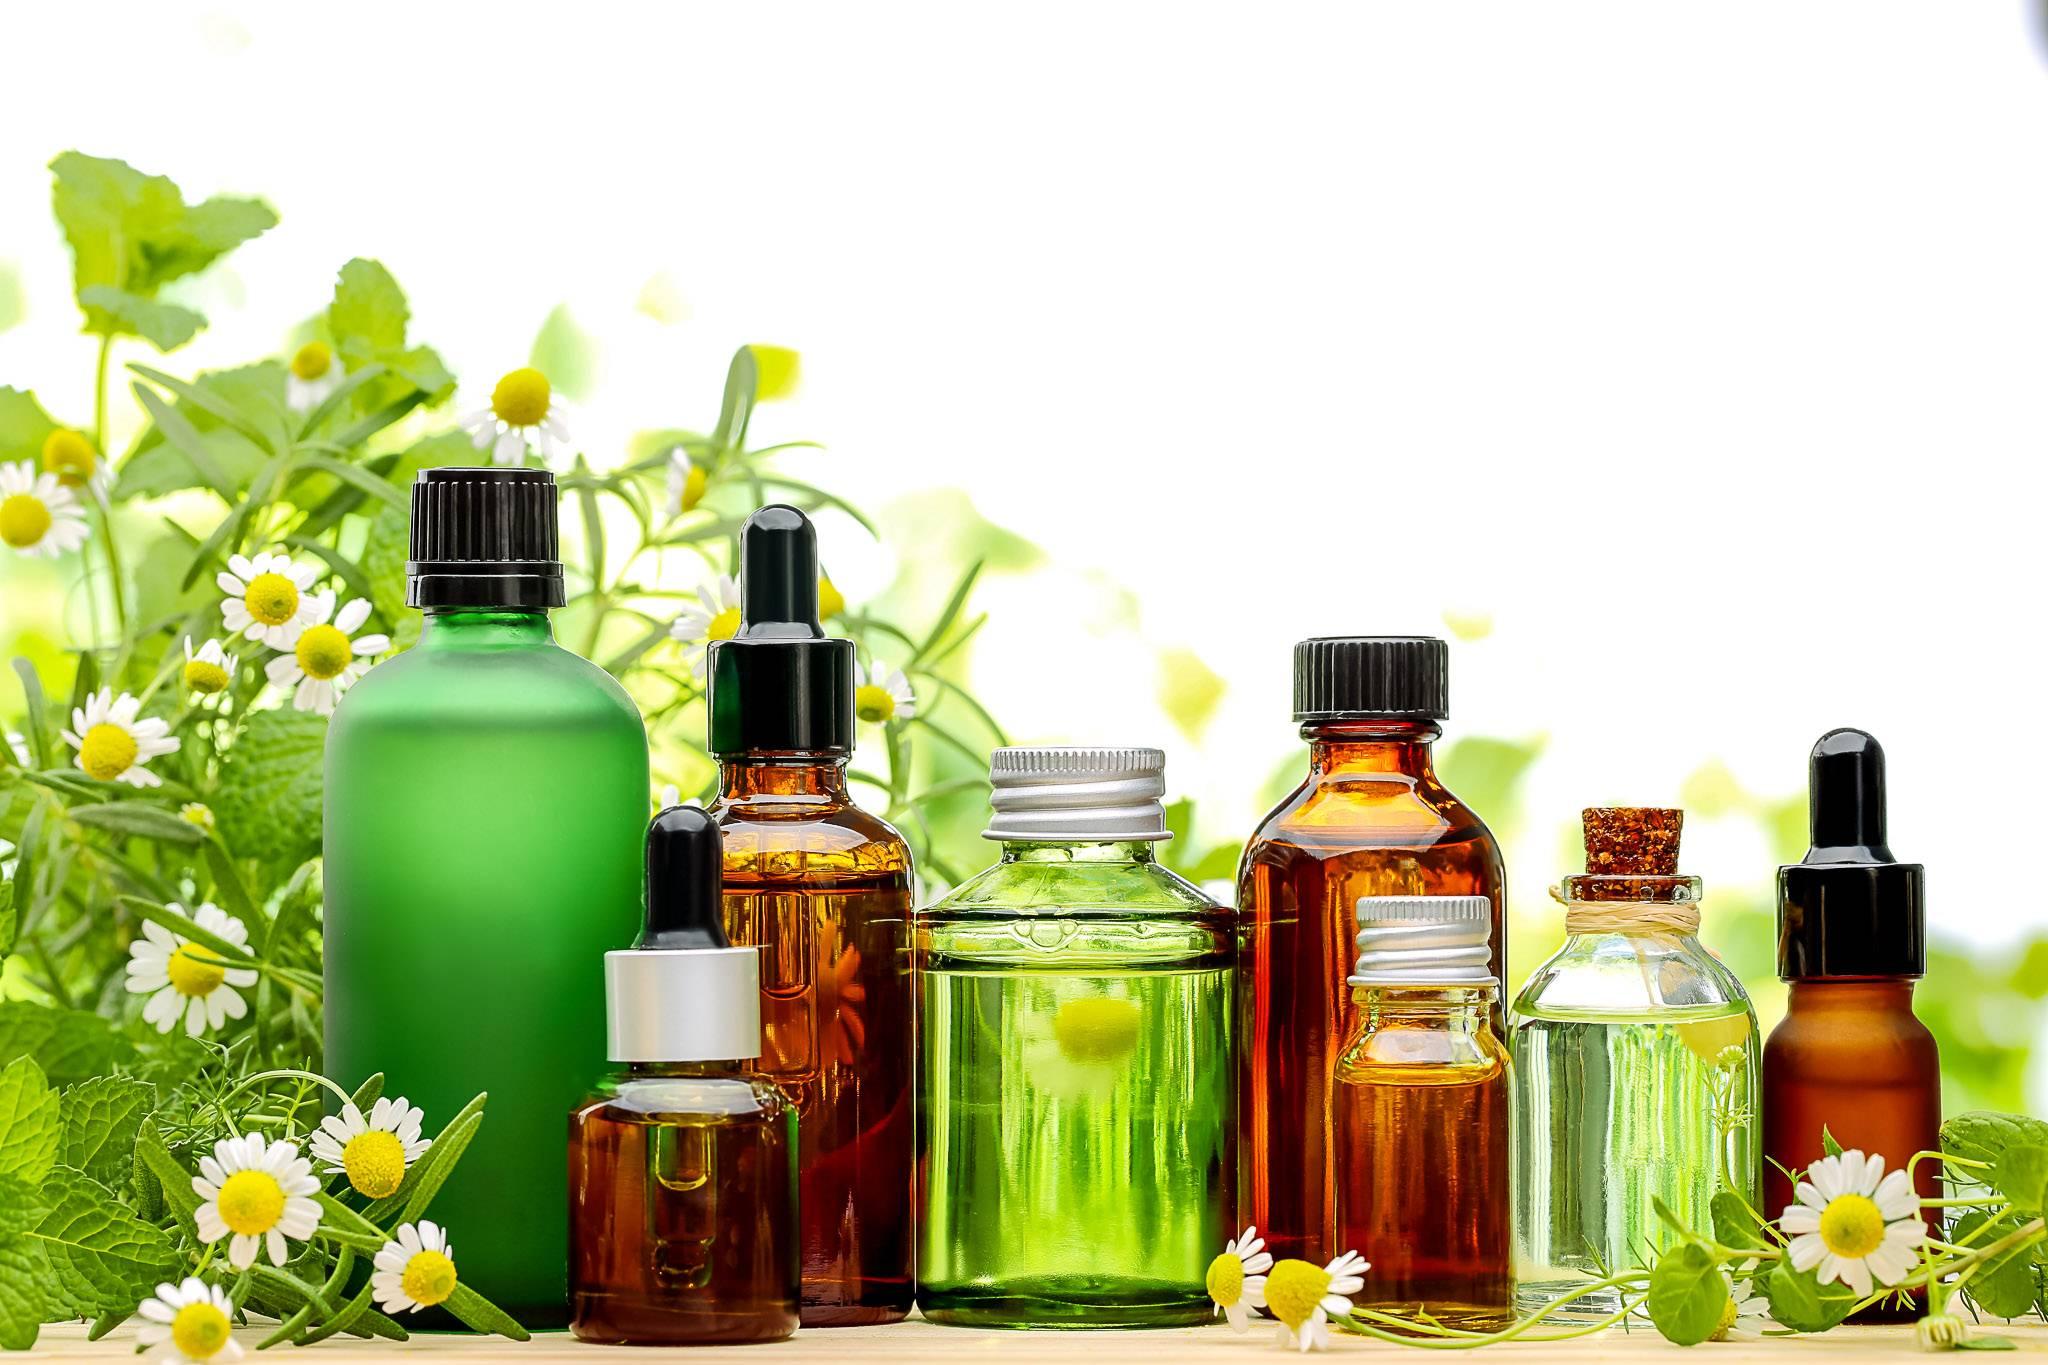 Bilde av flasker med forskjellige oljer